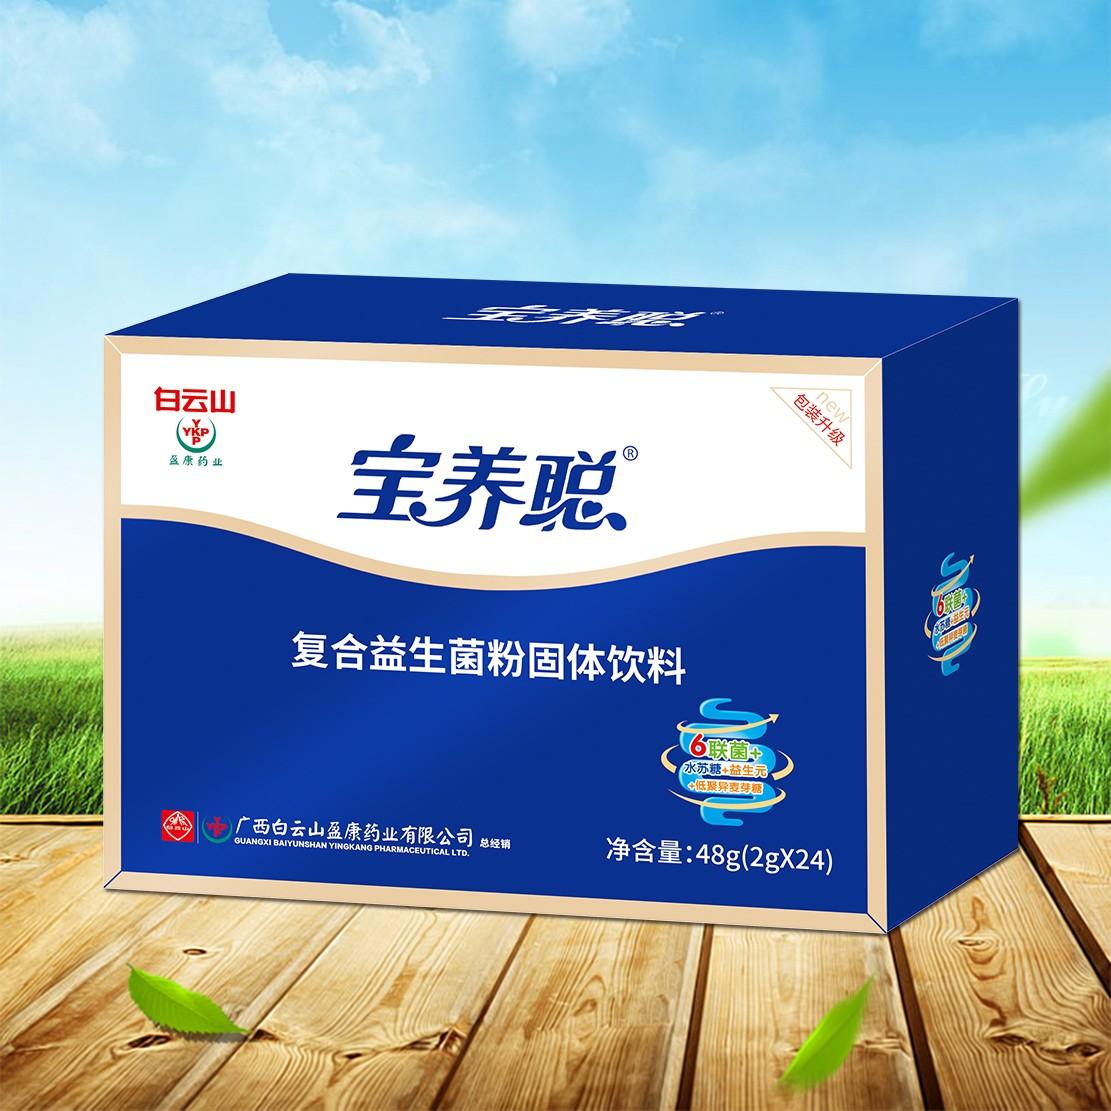 复合益生菌粉(全新升级)